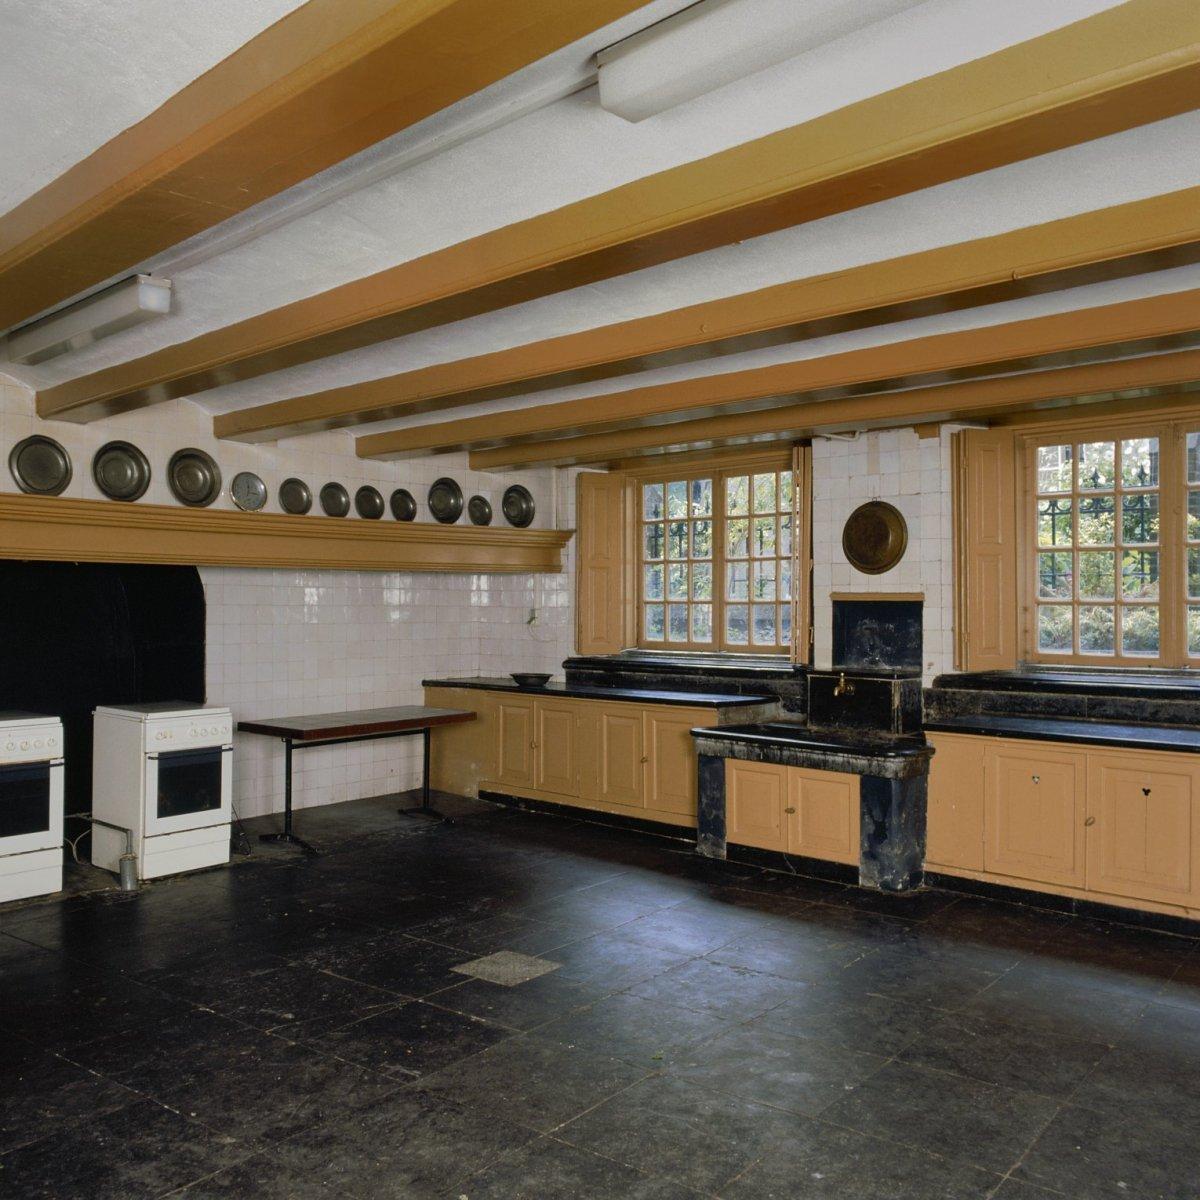 File interieur kelder keuken utrecht 20336943 rce for Interieur utrecht